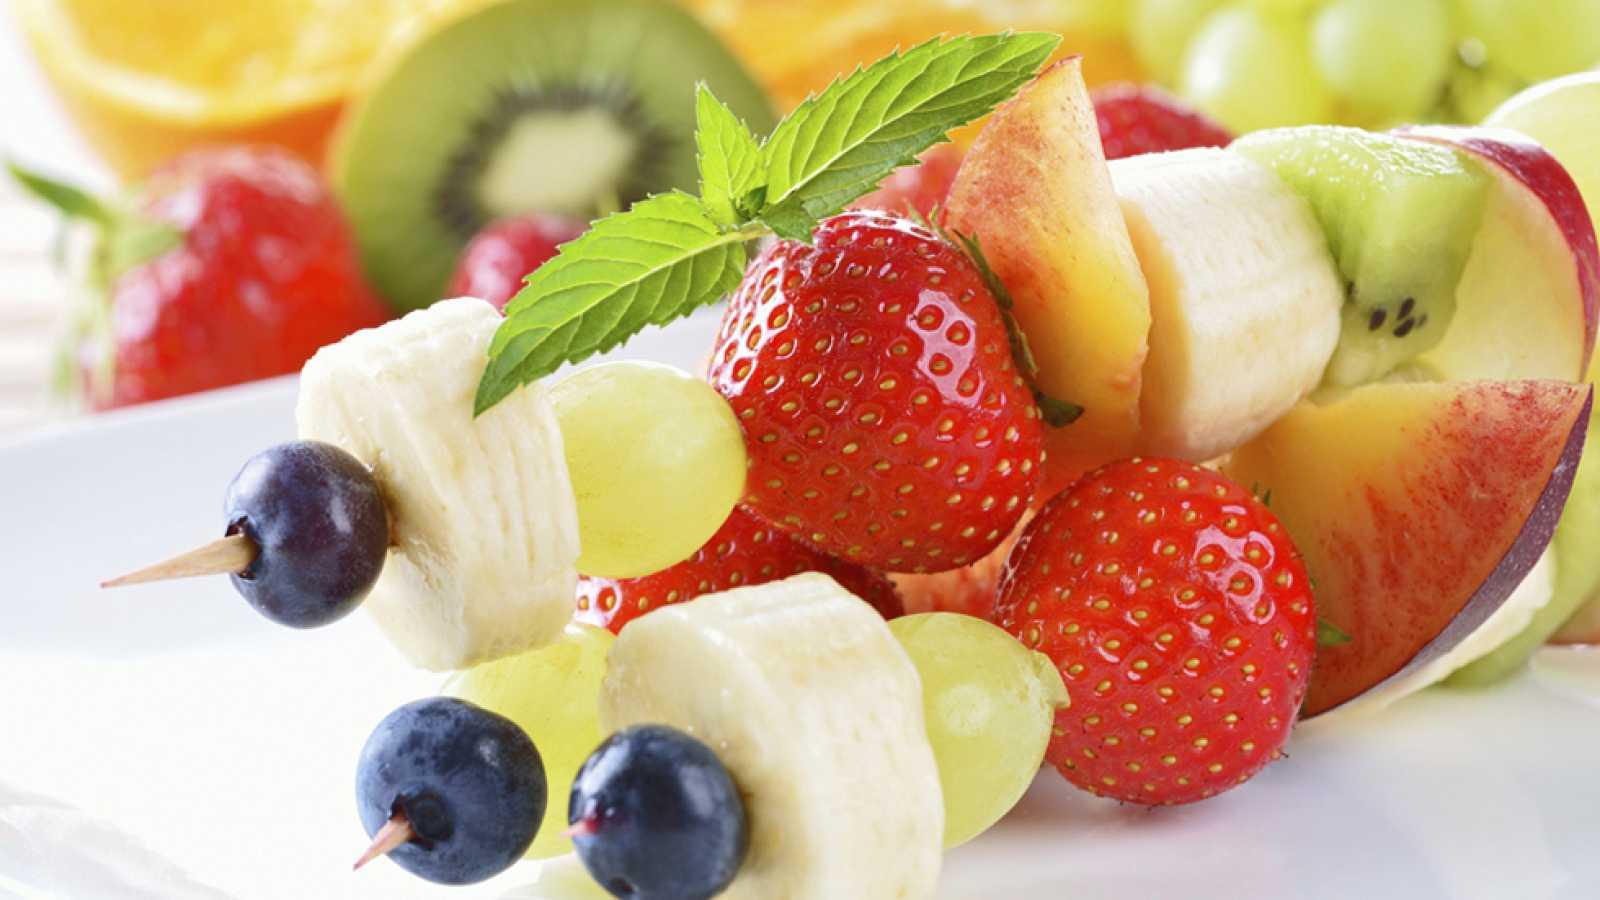 La fruta engorda si la comes como postre